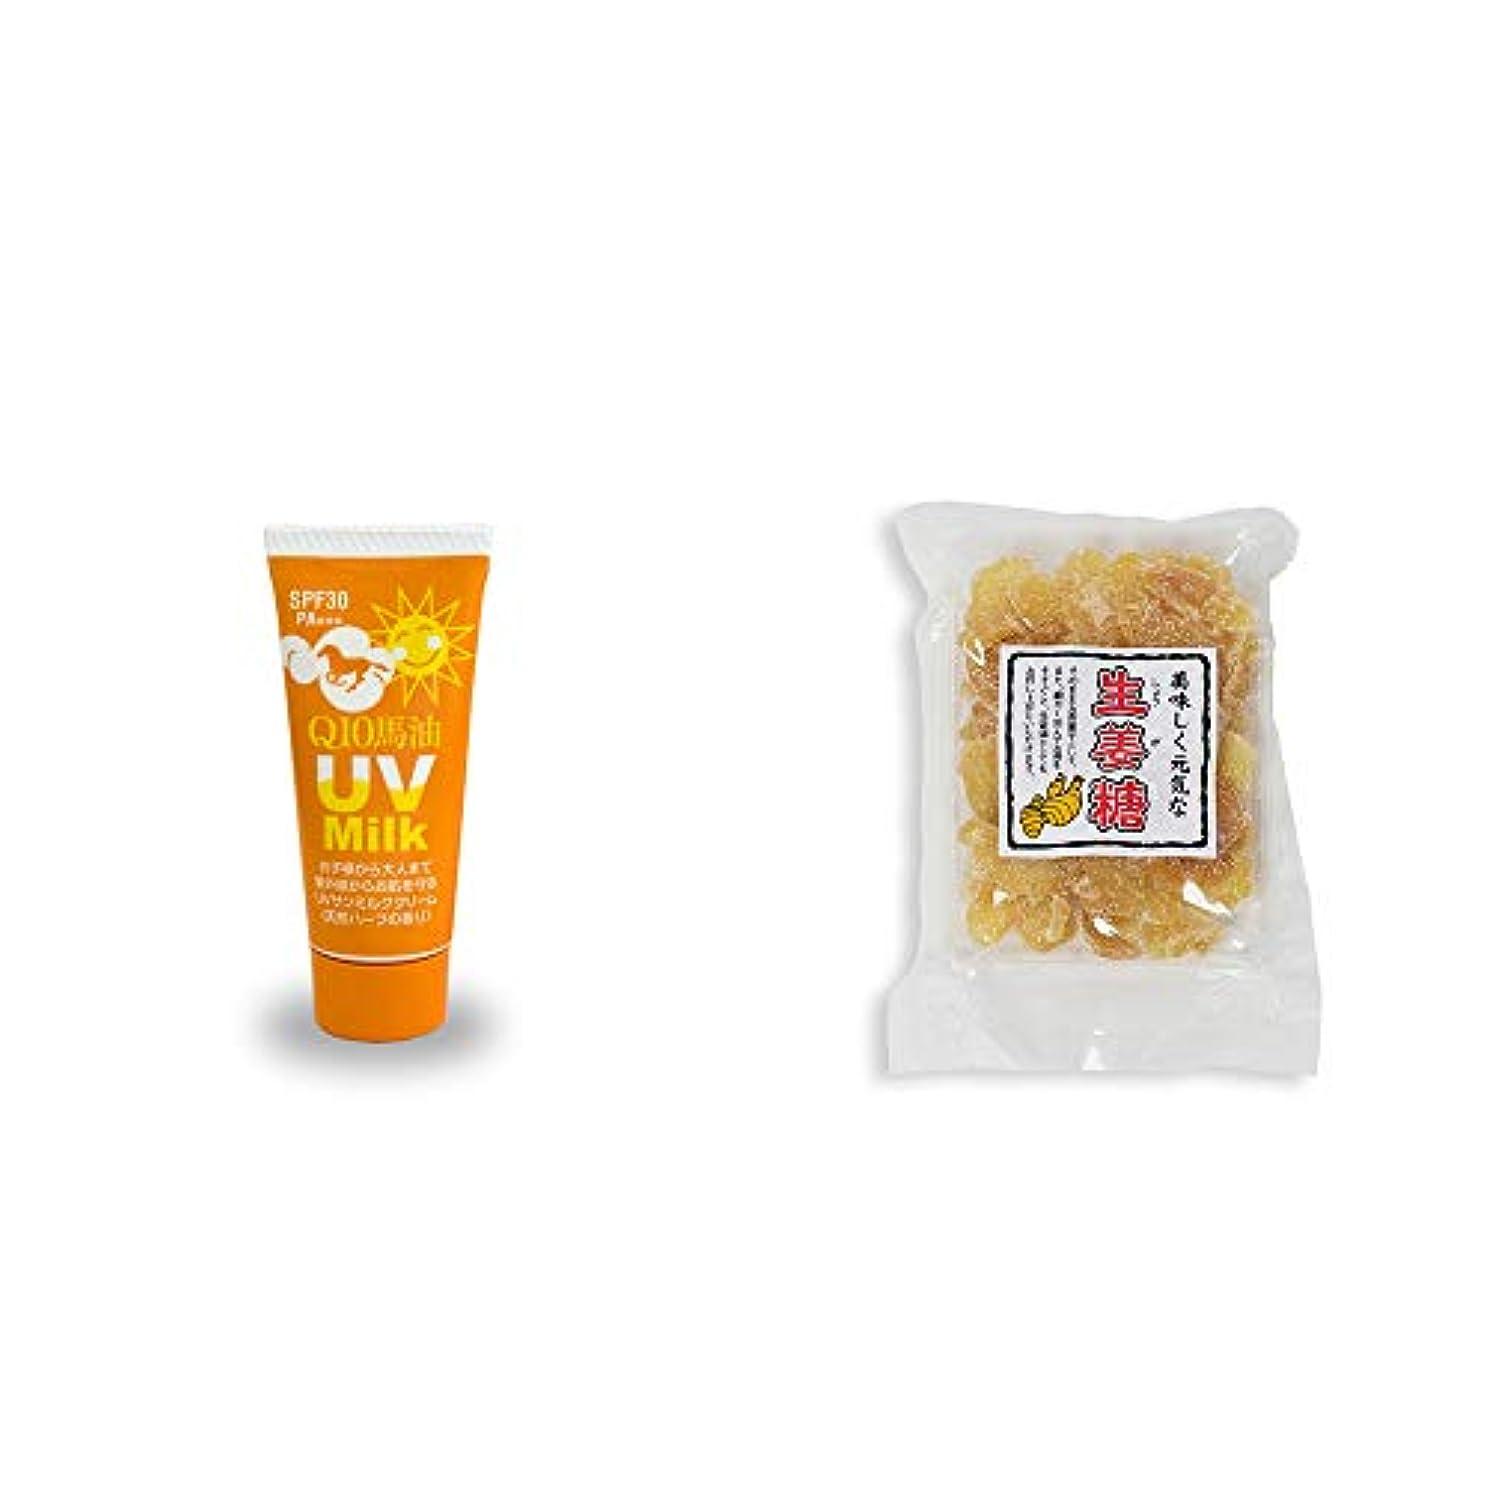 脚本ロースト経由で[2点セット] 炭黒泉 Q10馬油 UVサンミルク[天然ハーブ](40g)?生姜糖(230g)